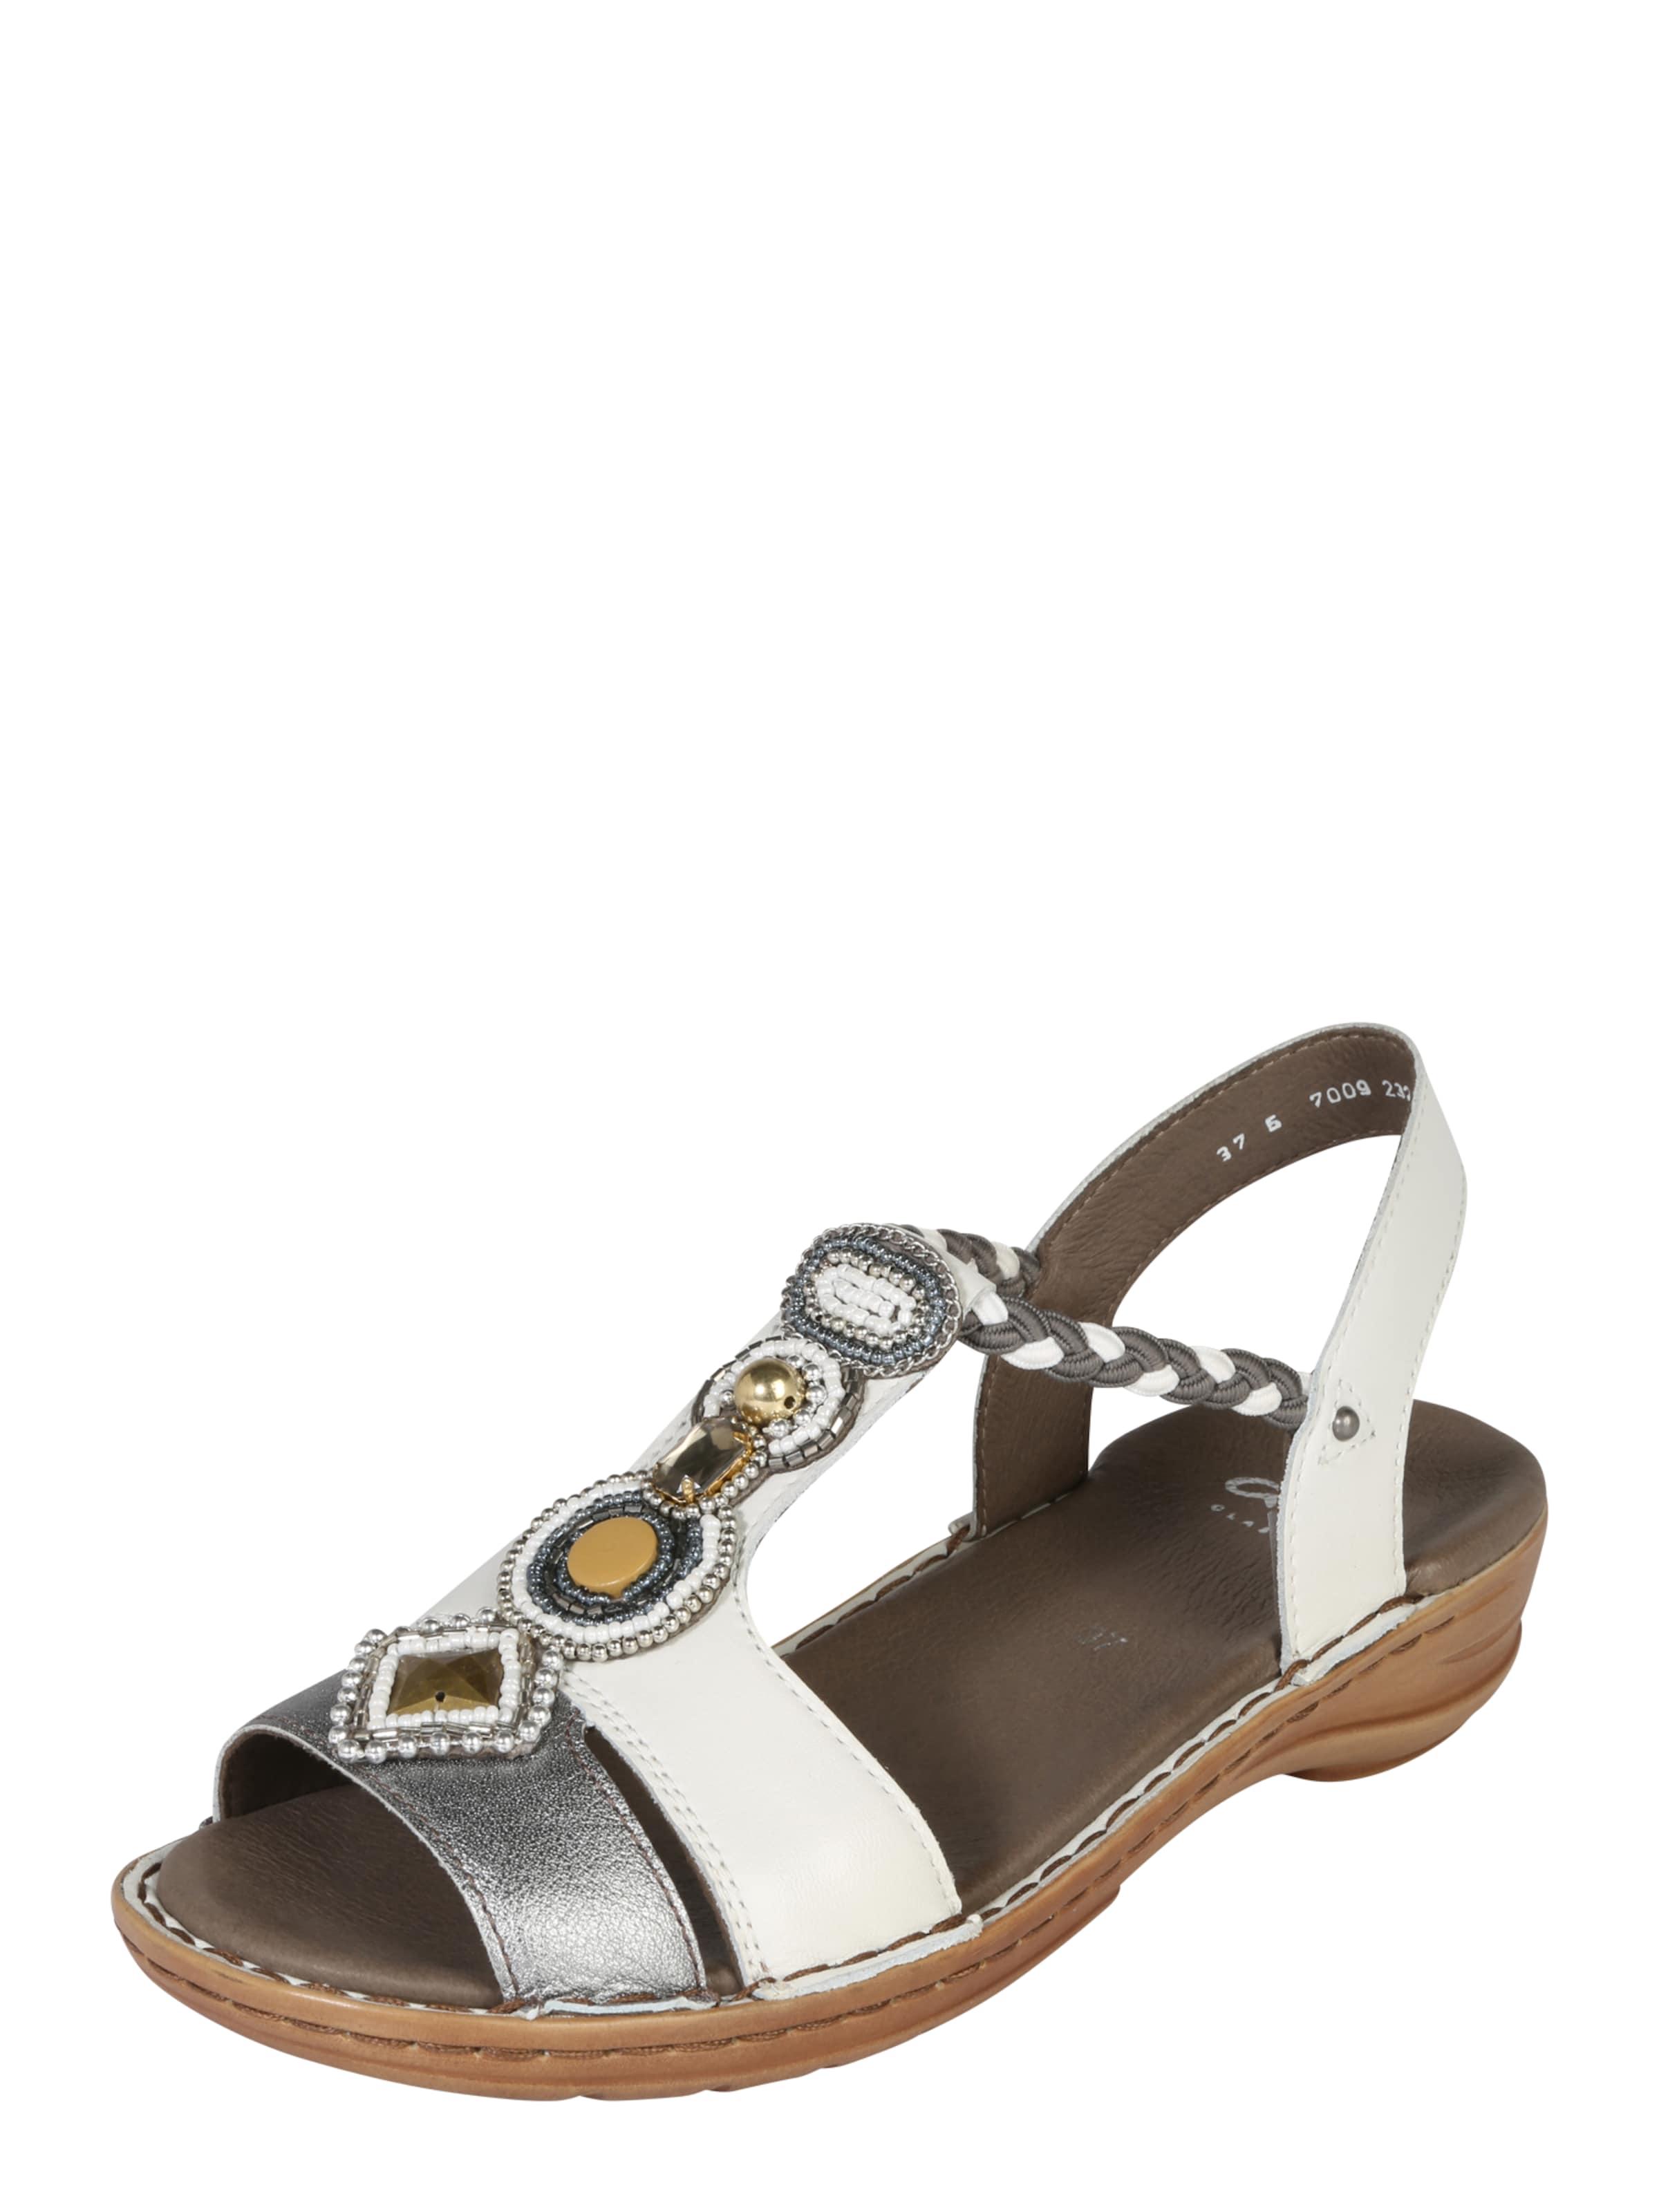 ARA bequeme Sandalette HAW Verschleißfeste billige Schuhe